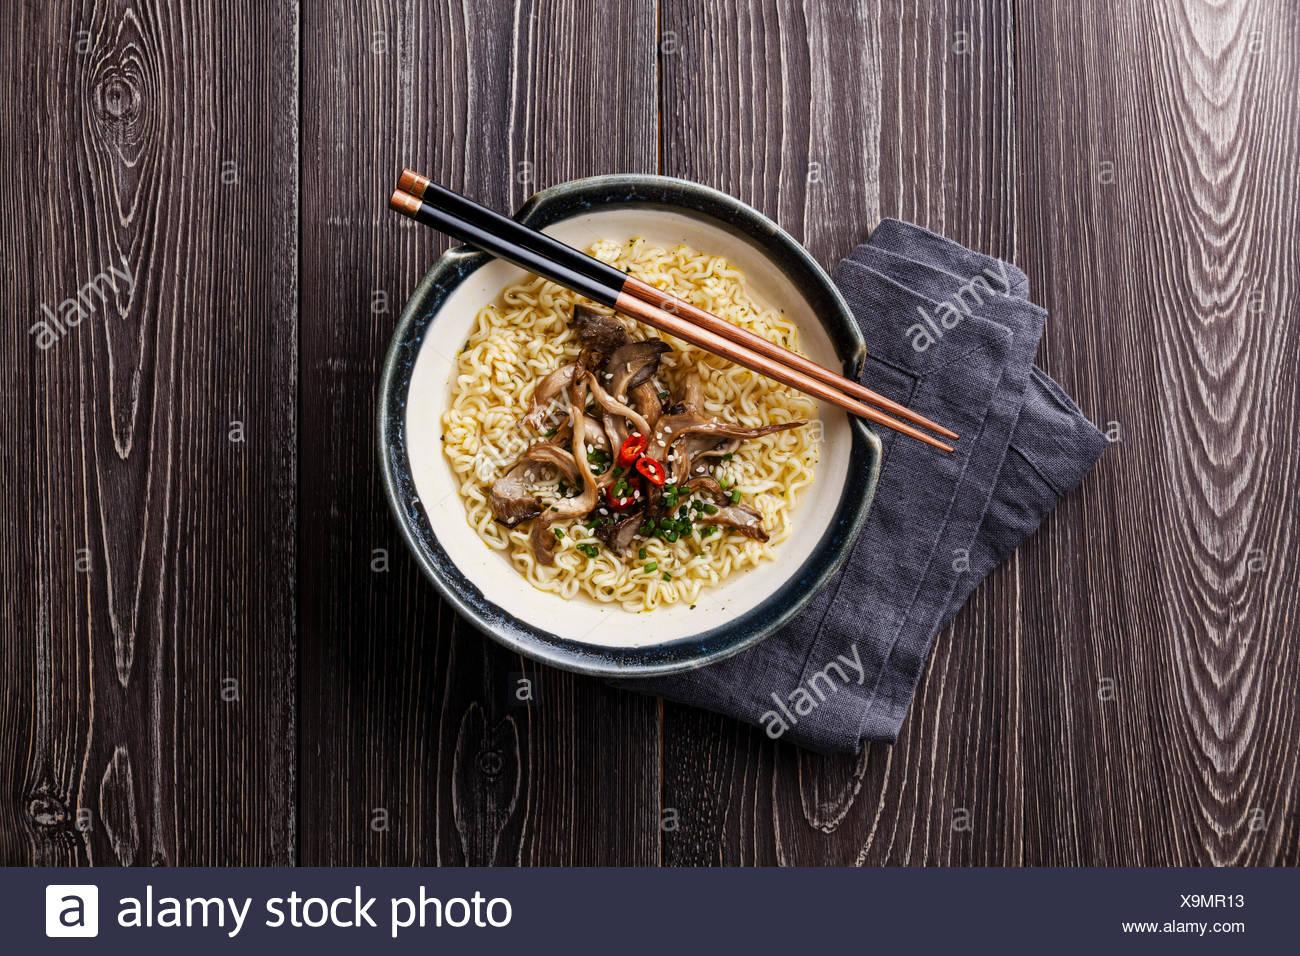 Fideos asiáticos con setas en un tazón sobre fondo de madera gris Imagen De Stock